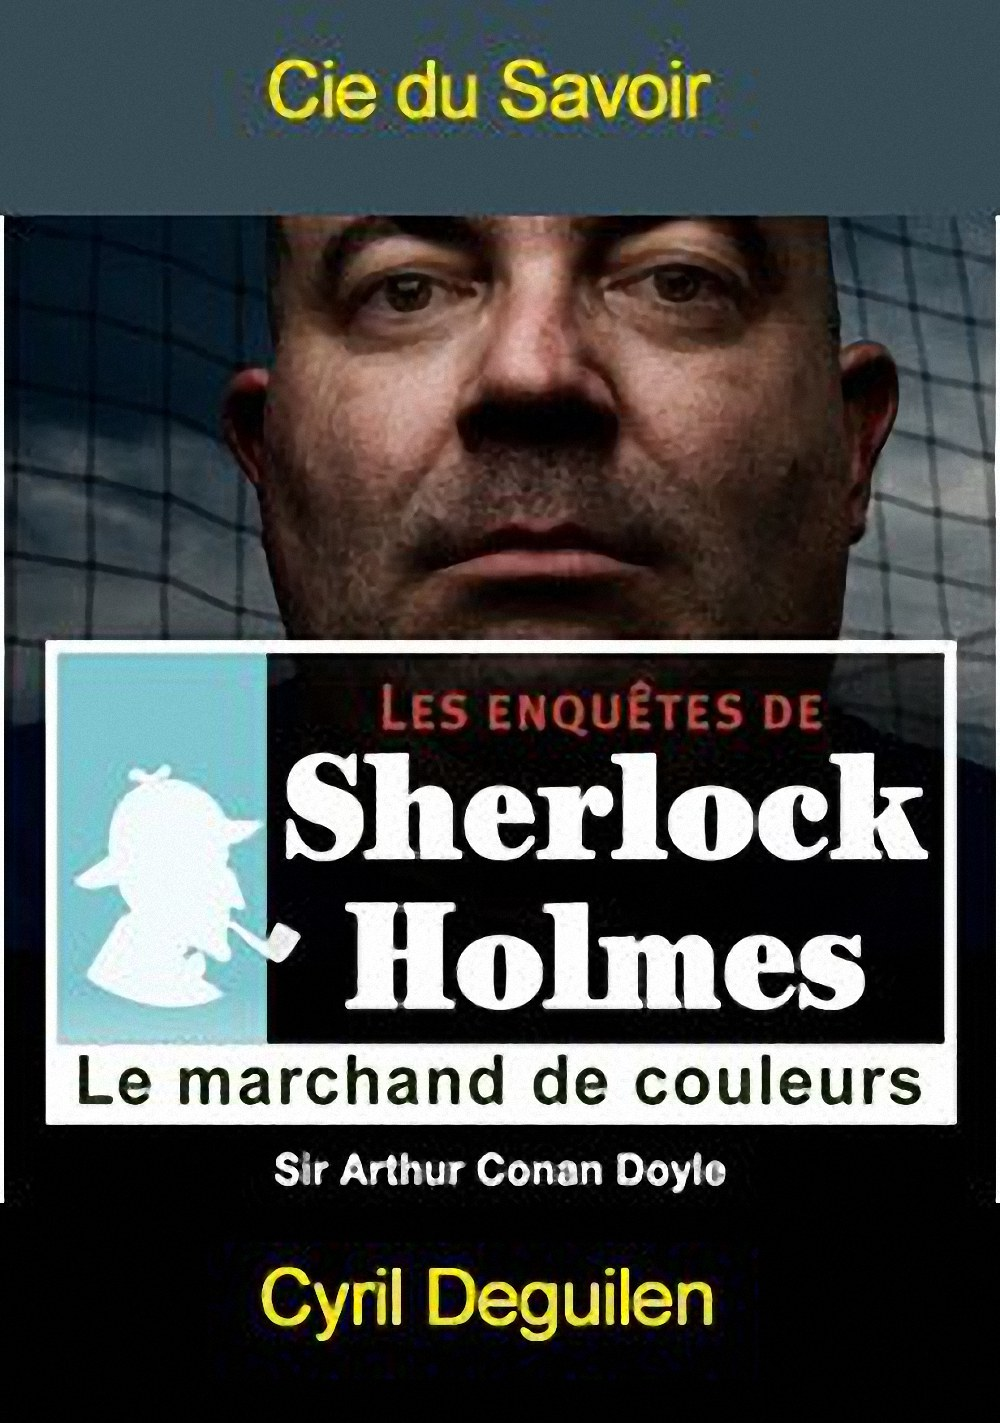 Les enquêtes de Sherlock Holmes: Le marchand de couleurs |